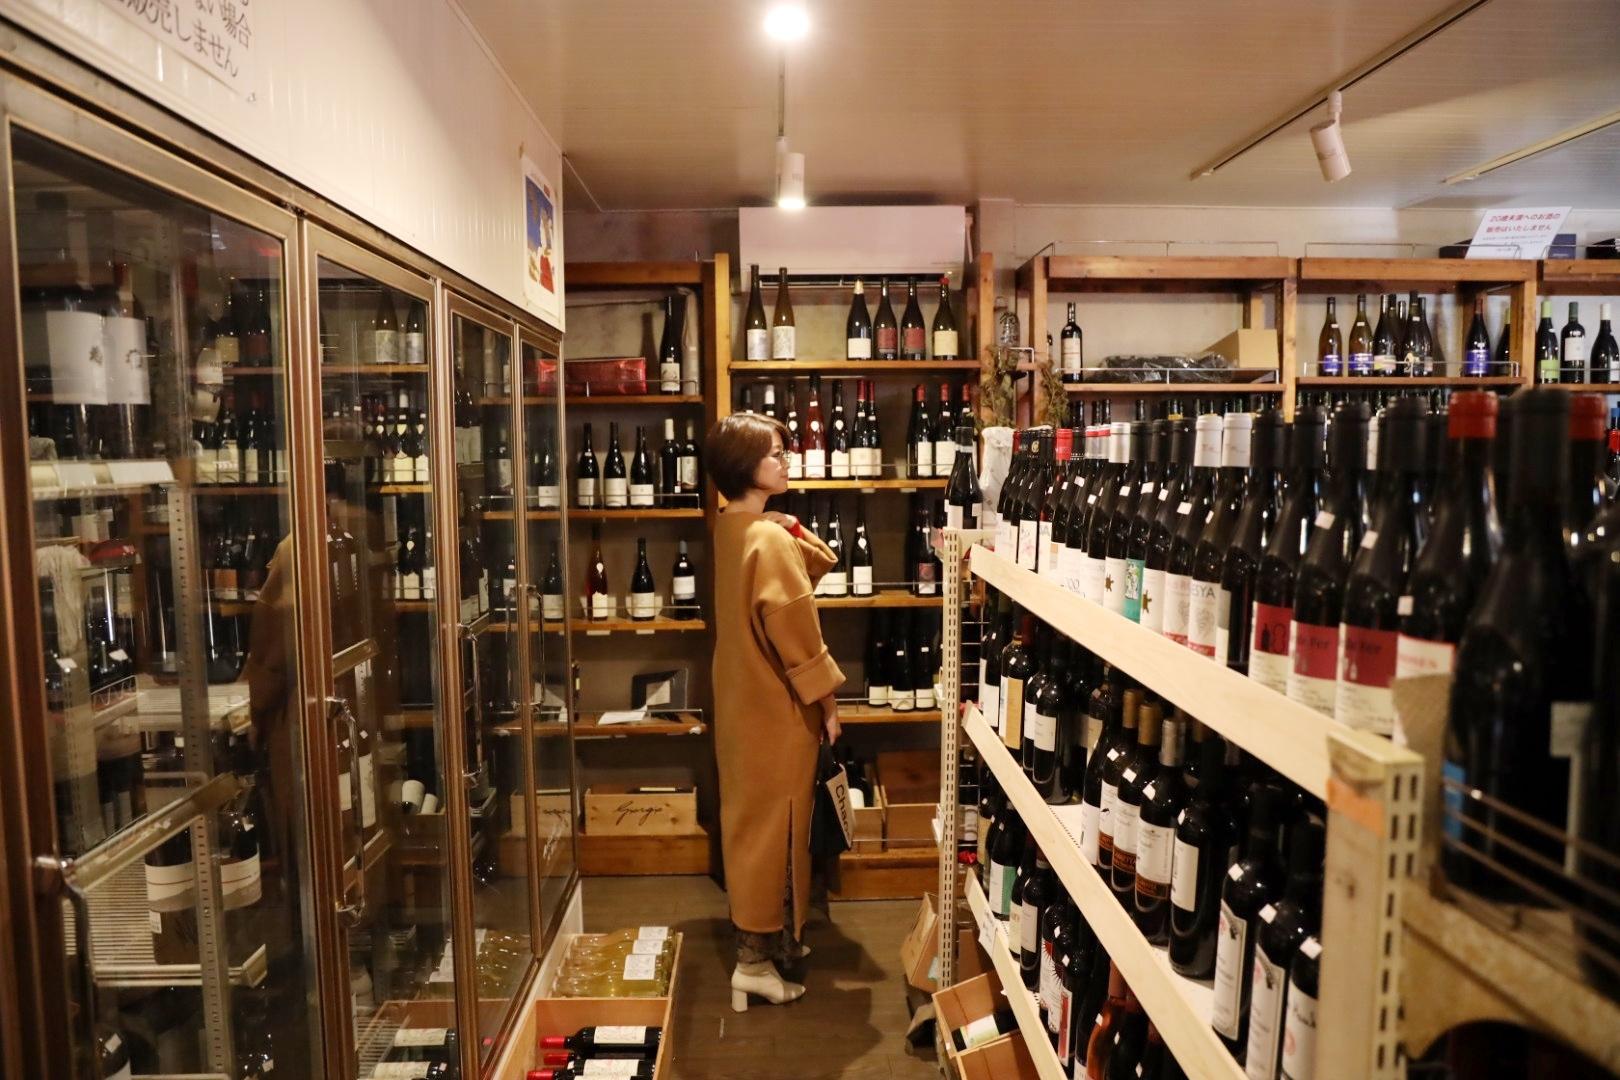 鎌倉でお気に入りの酒屋さんで美味しい自然派ワインの角打ちを♪_1_3-2